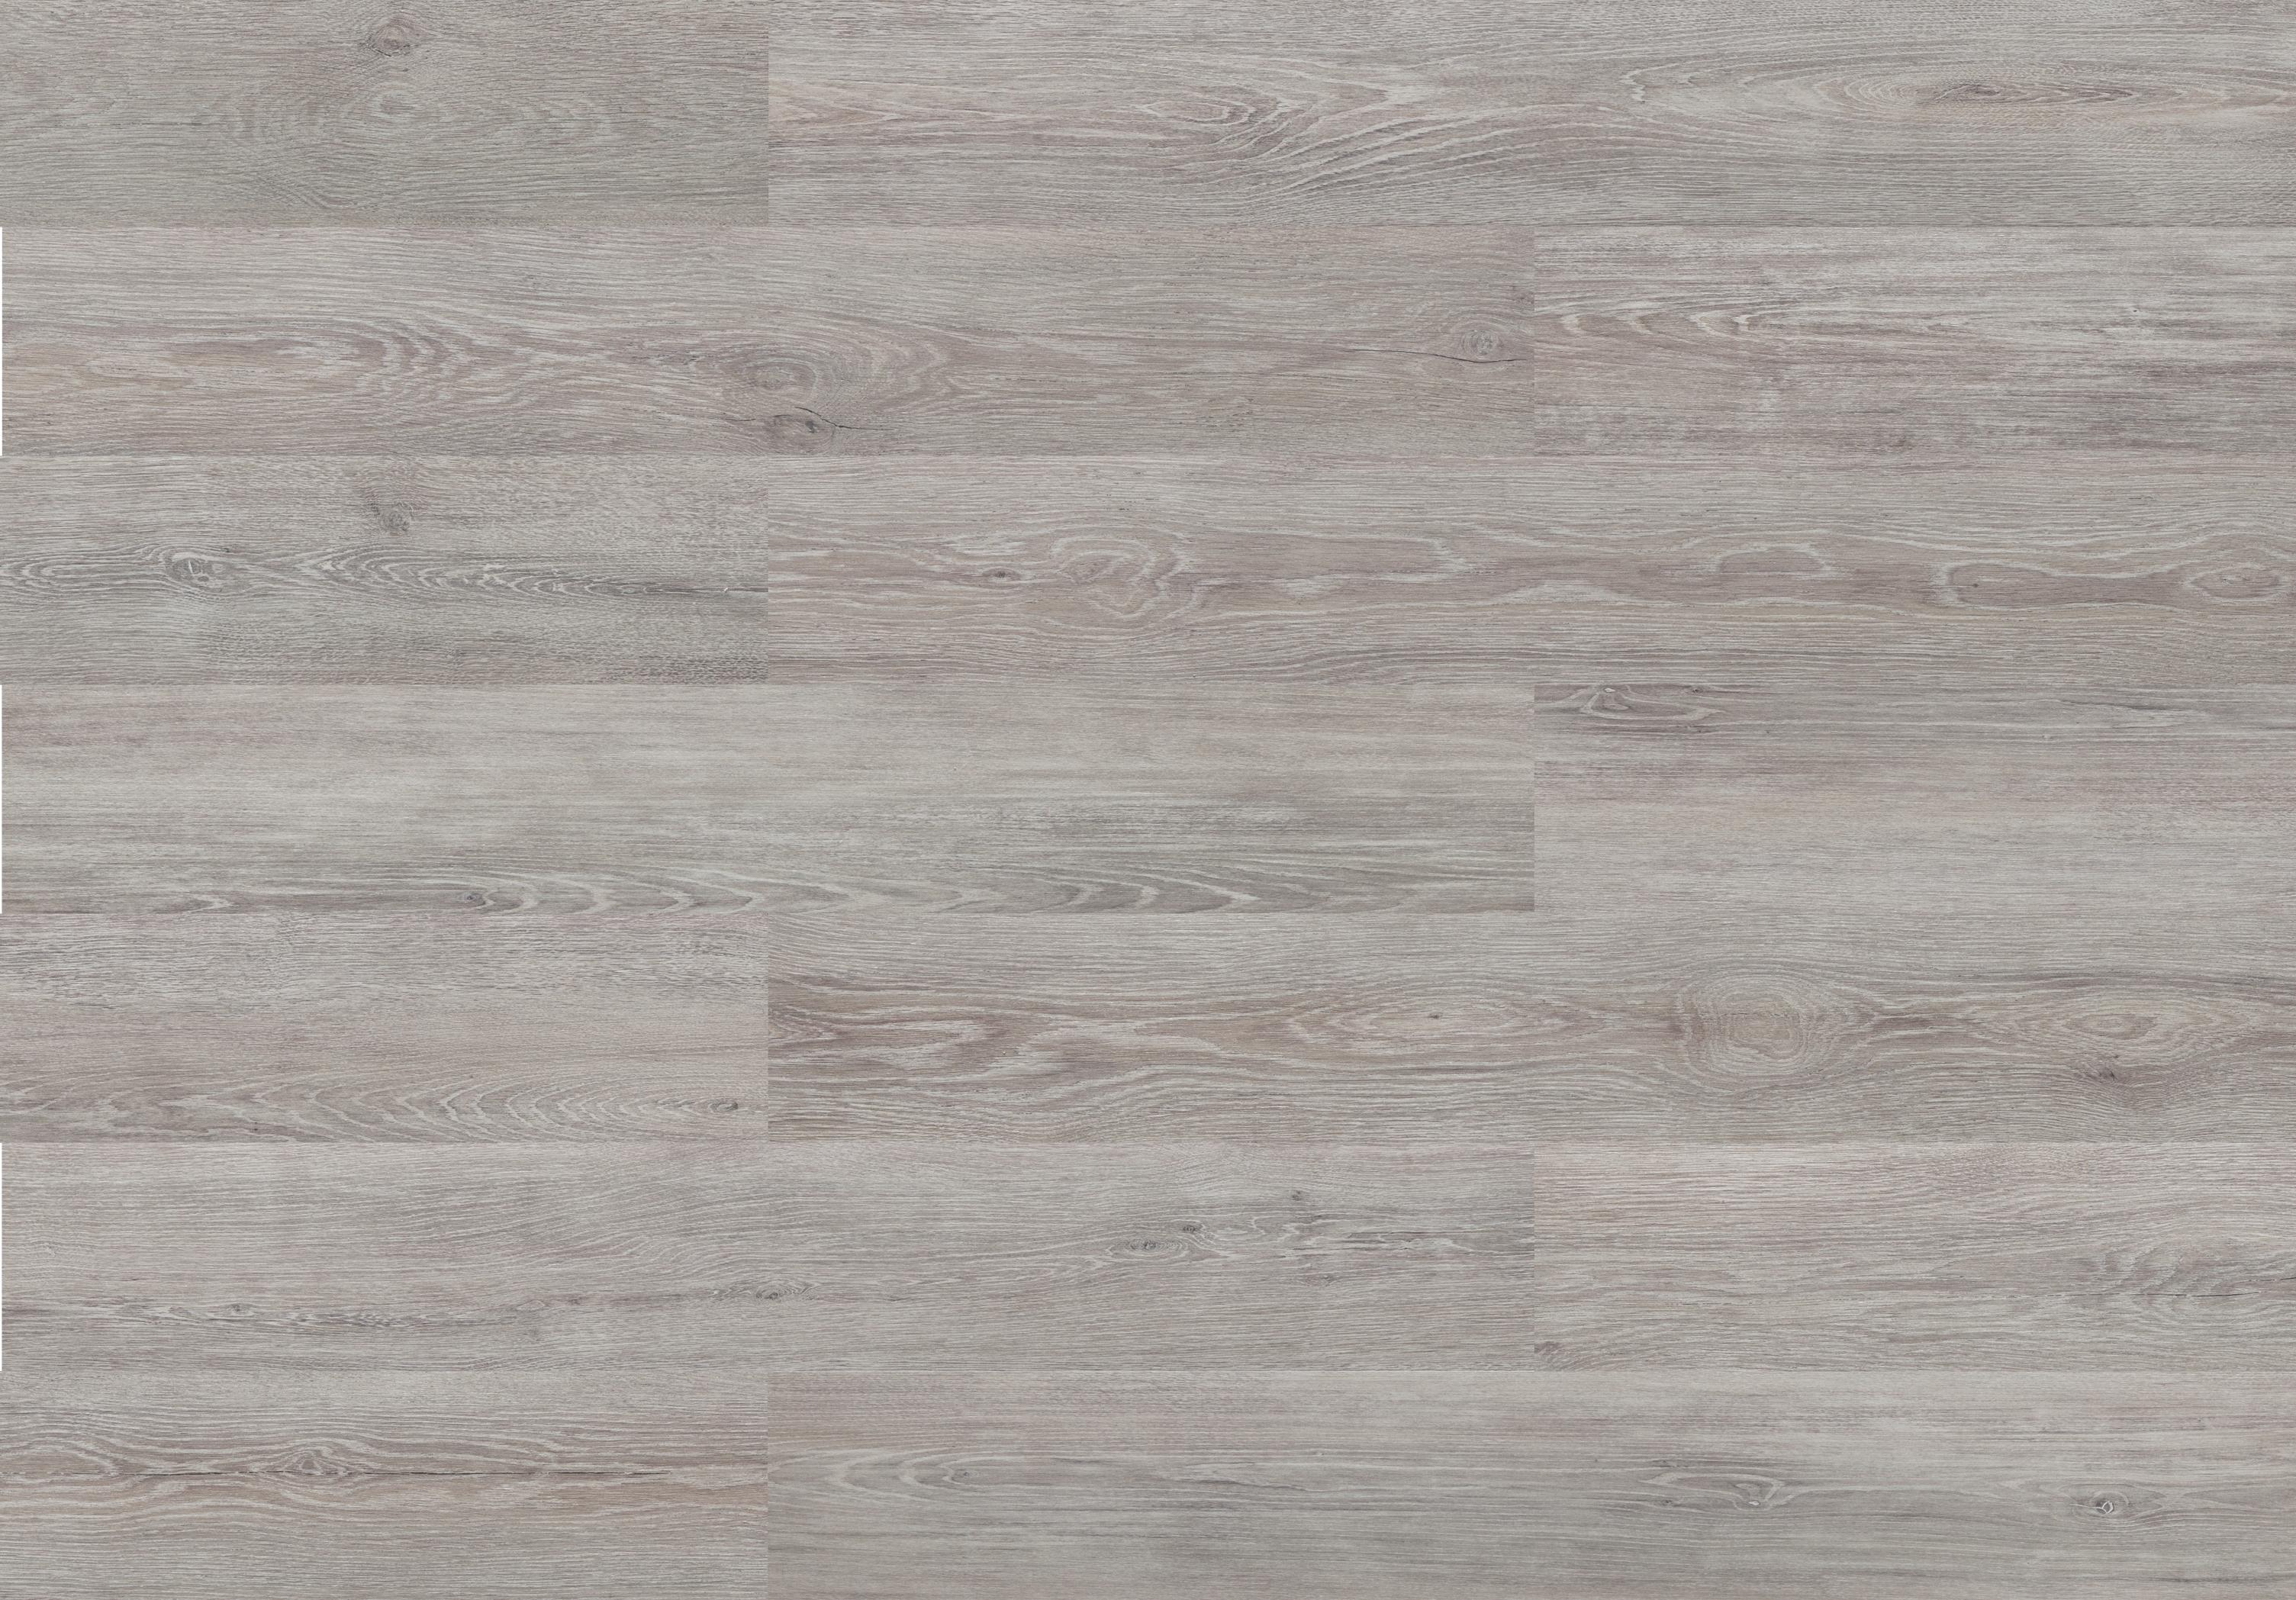 Eiche Gekalkt Platinum Wicanders Artcomfort Wood Kork Boden